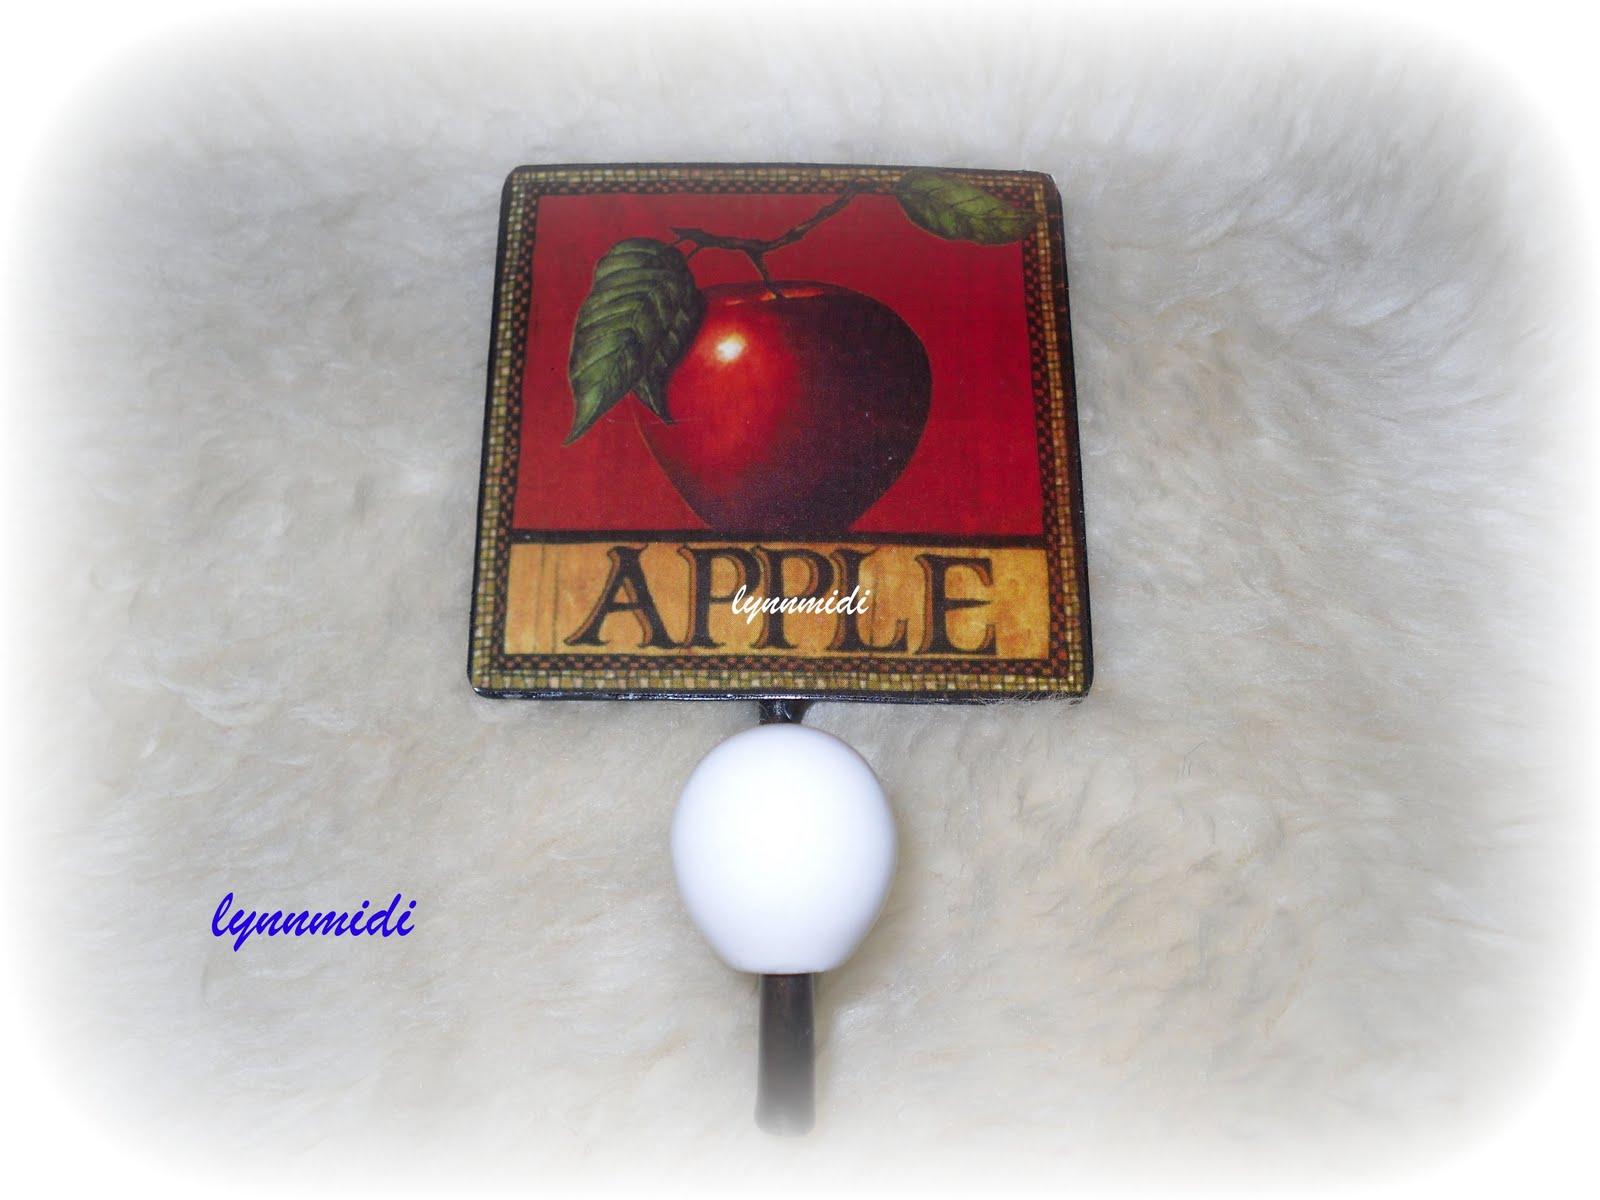 http://2.bp.blogspot.com/_vvqJ-N8IMK8/S73pVfH1UYI/AAAAAAAABYQ/X_oFEfxkT2k/s1600/hanger++apple.jpg